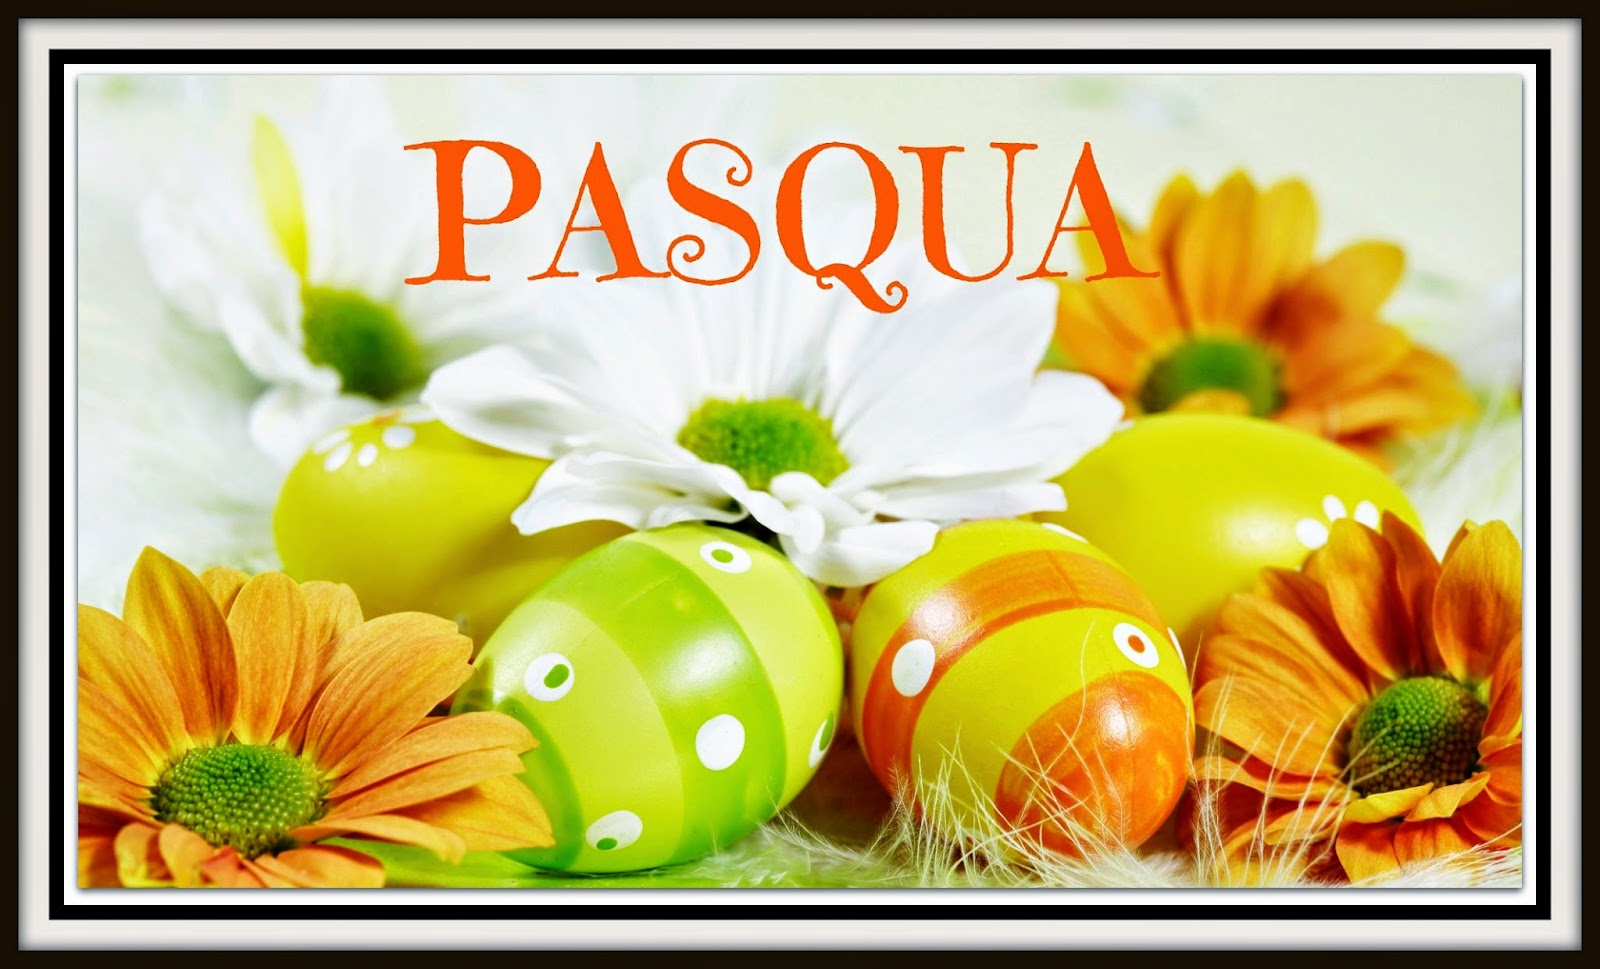 La Pasqua a l'escola